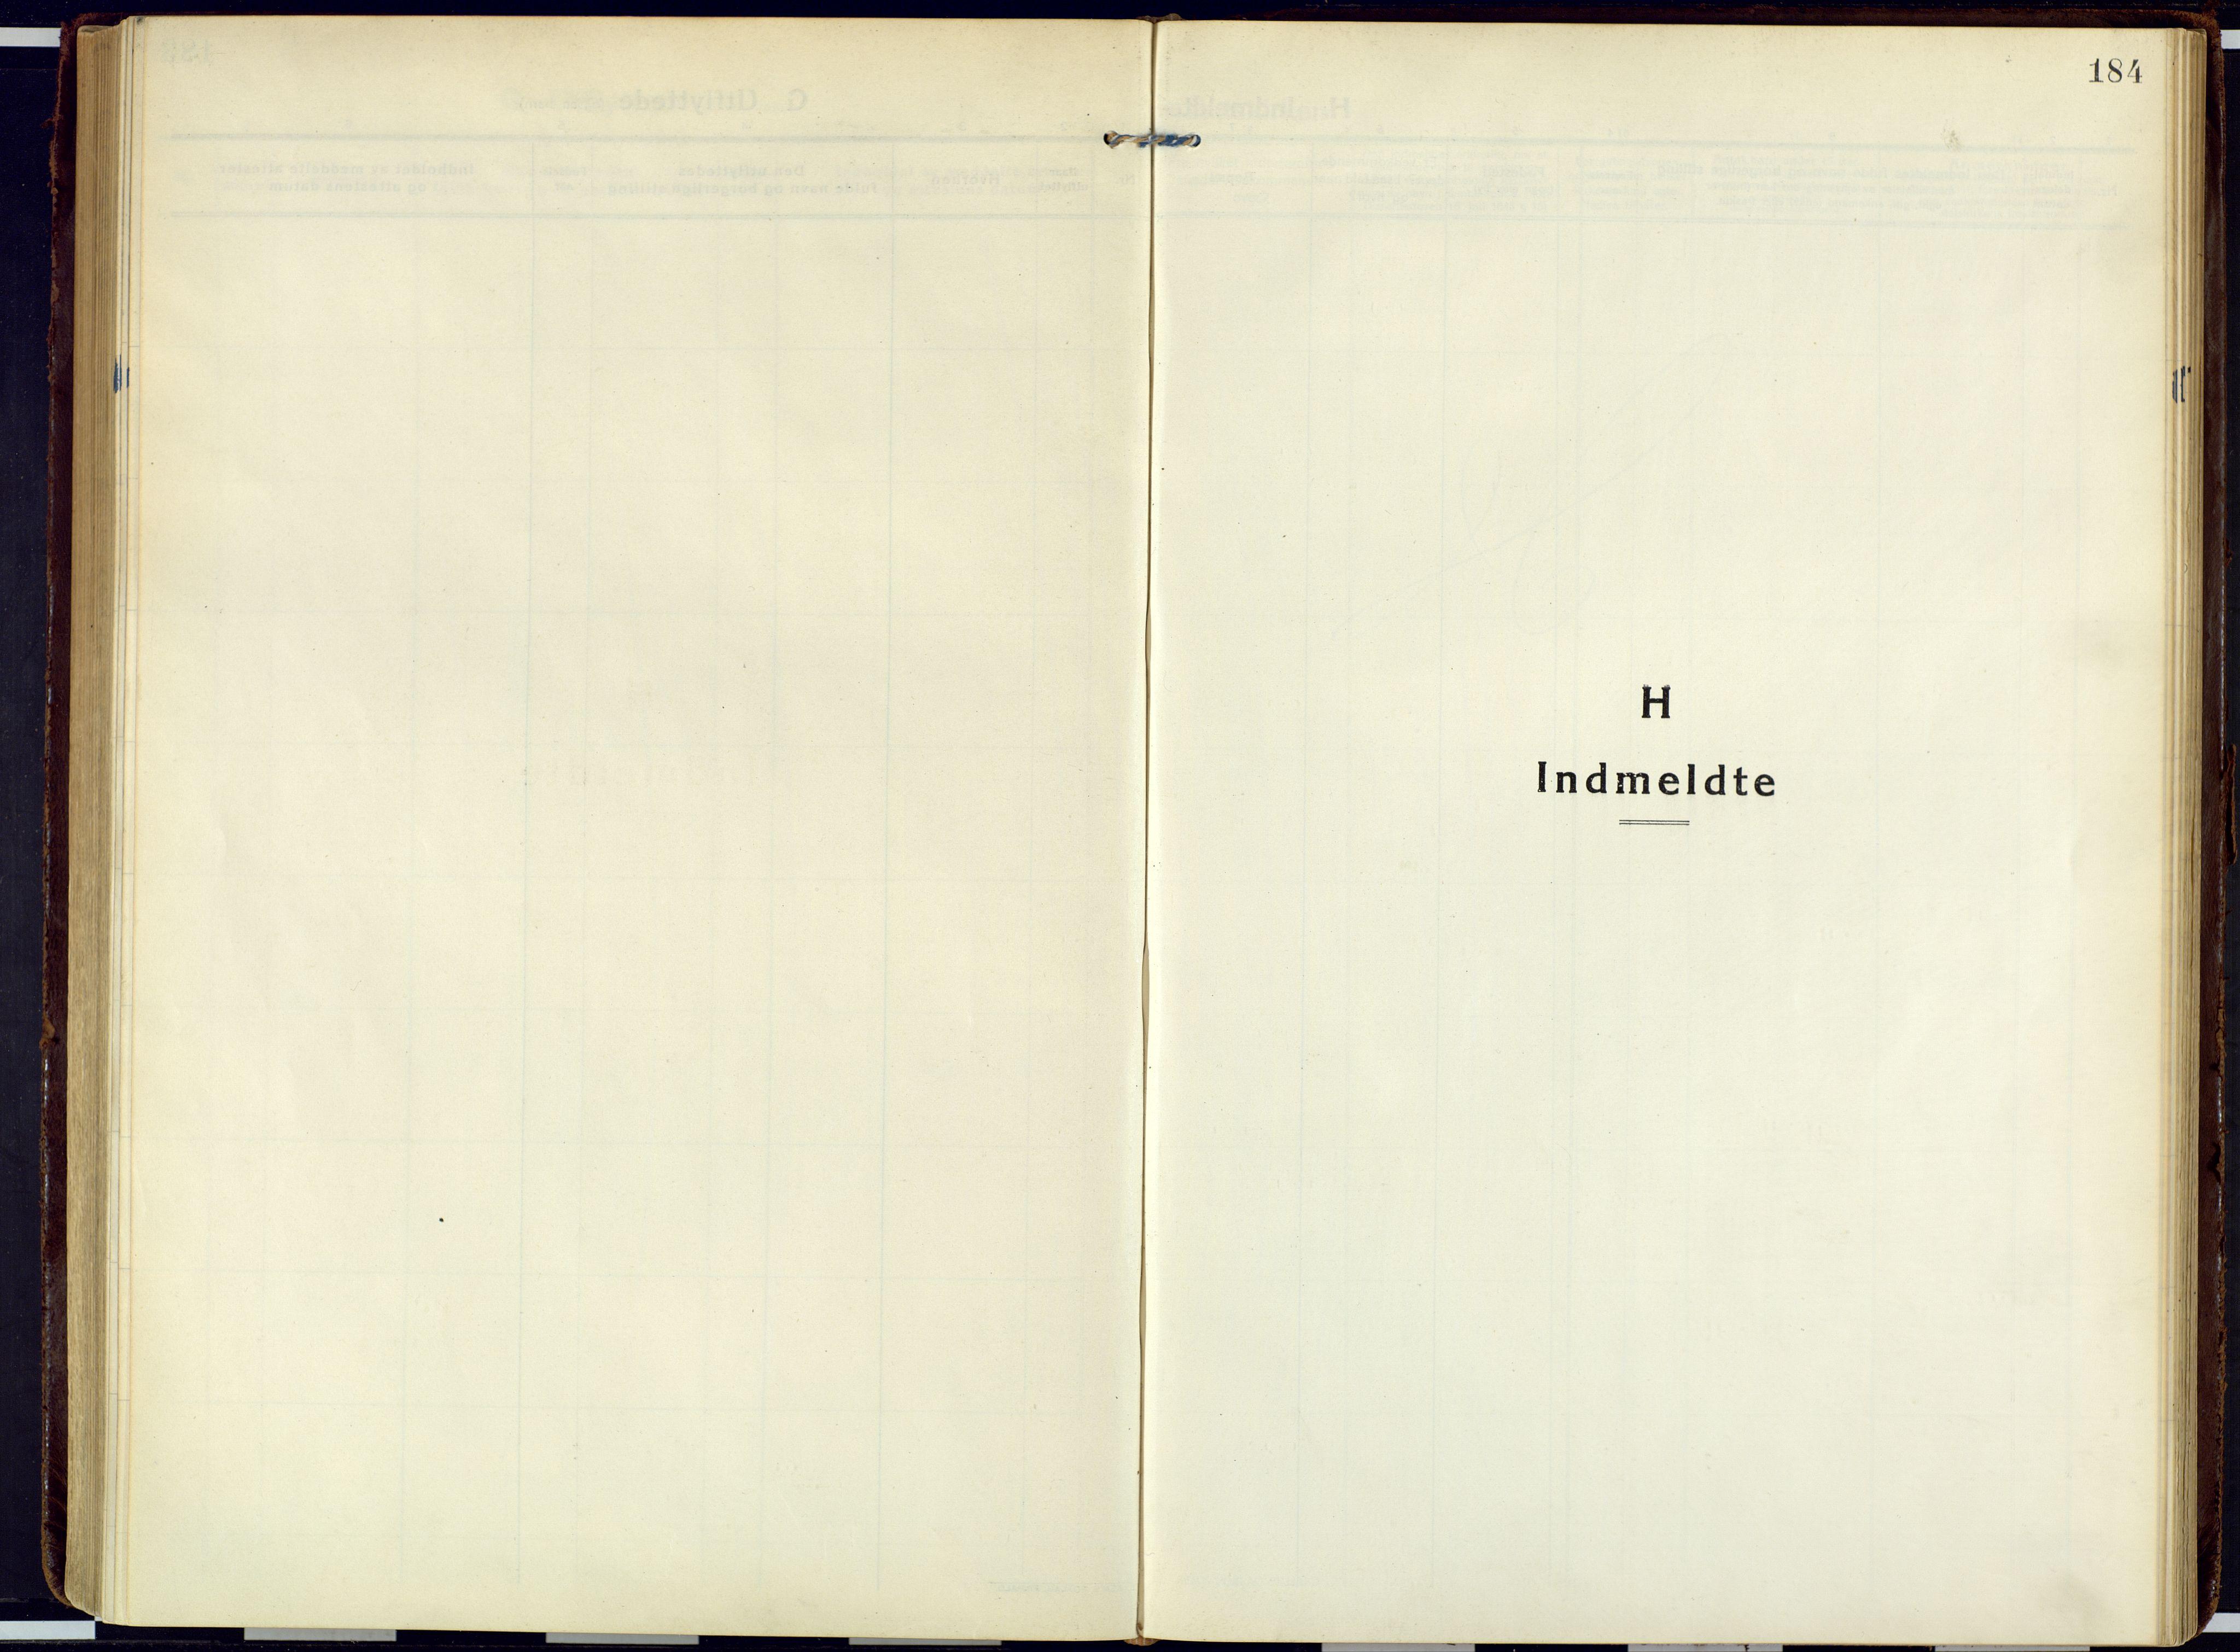 SATØ, Loppa sokneprestkontor, H/Ha/L0013kirke: Ministerialbok nr. 13, 1920-1932, s. 184